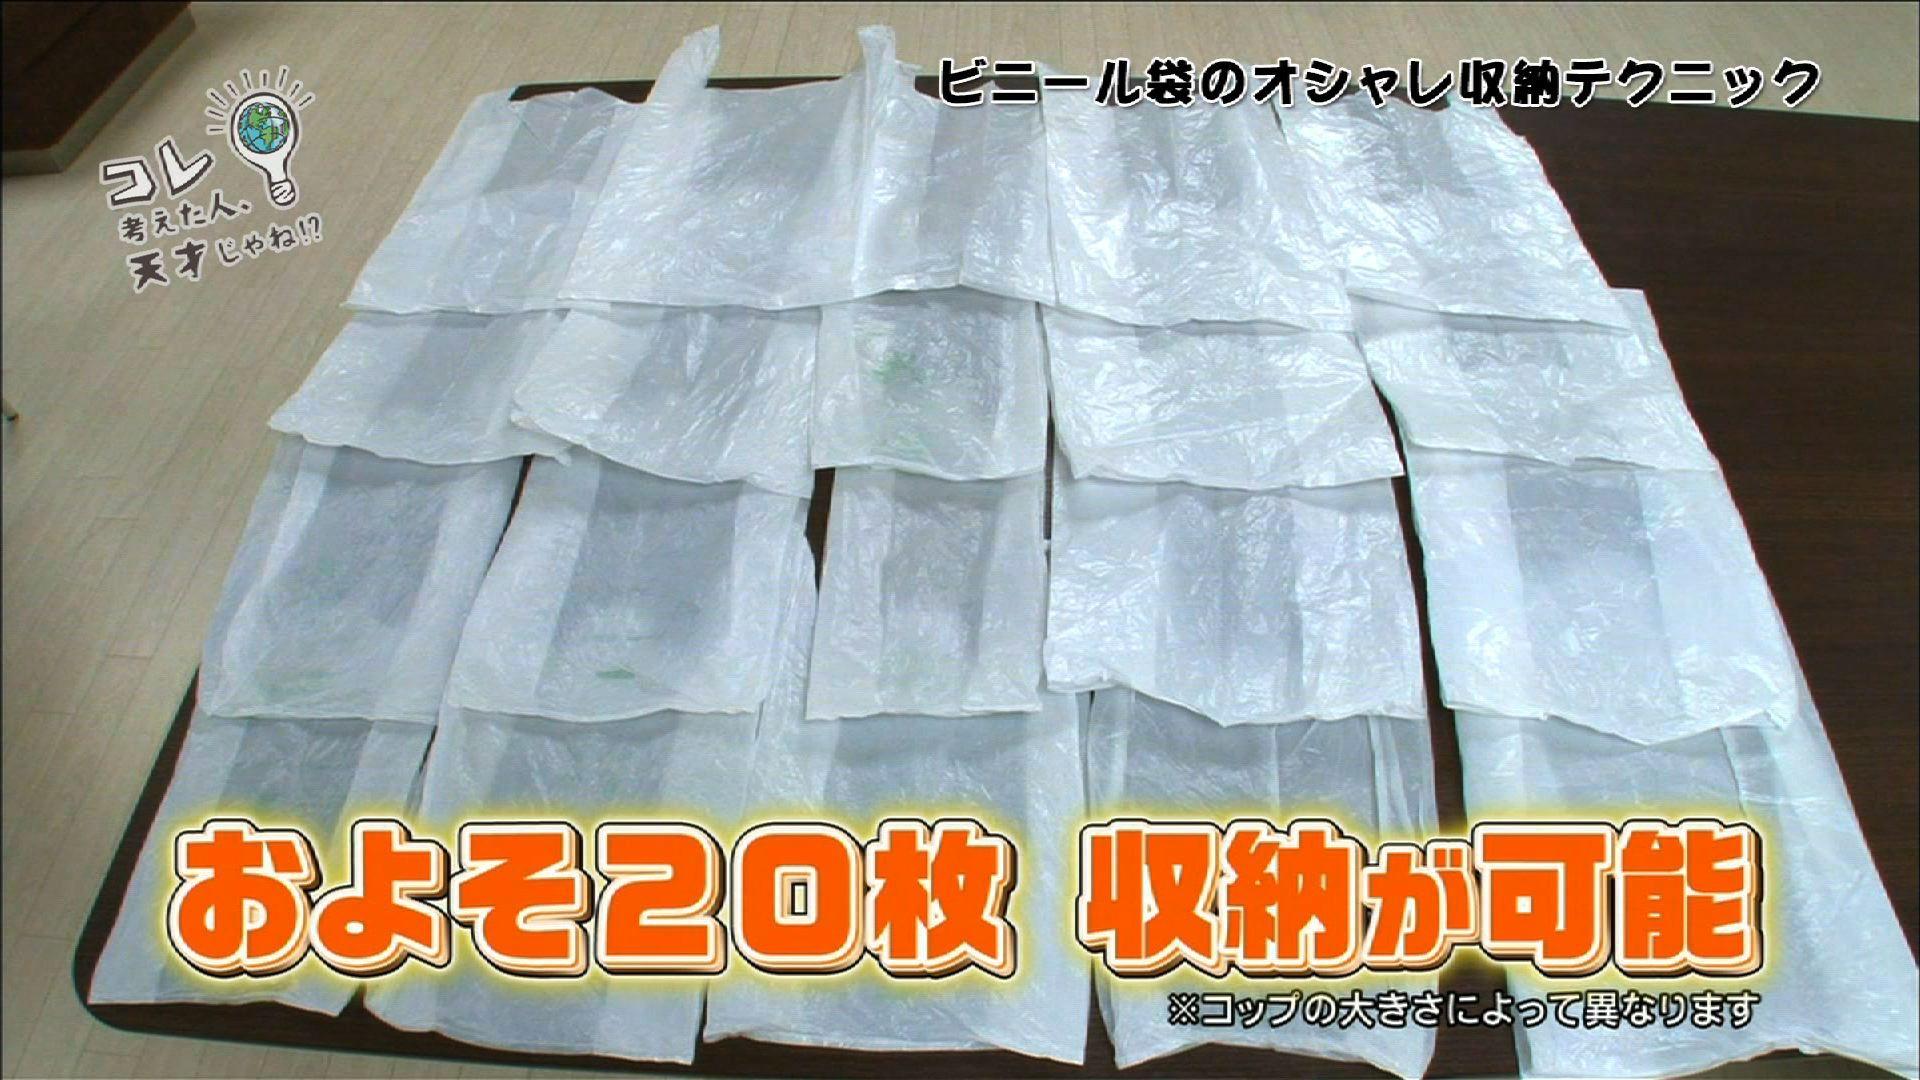 ビニール袋のオシャレ収納テクニック3